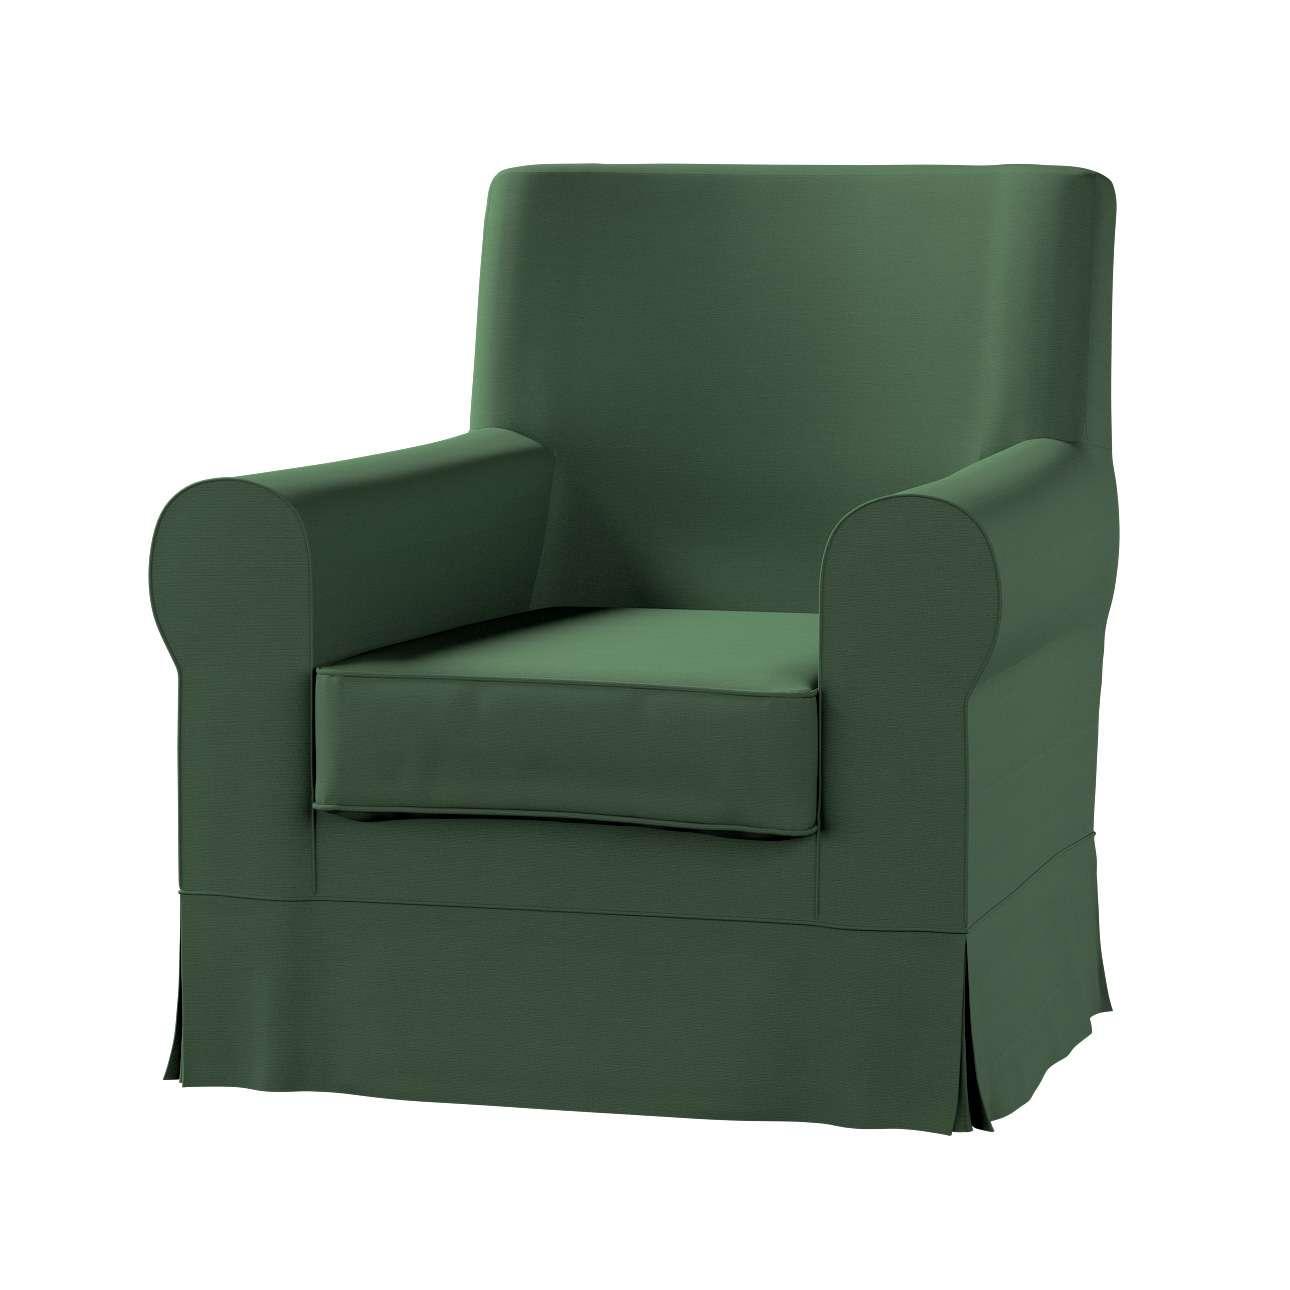 Ektorp Jennylund Sesselbezug Sesselhusse, Ektorp Jennylund von der Kollektion Cotton Panama, Stoff: 702-06